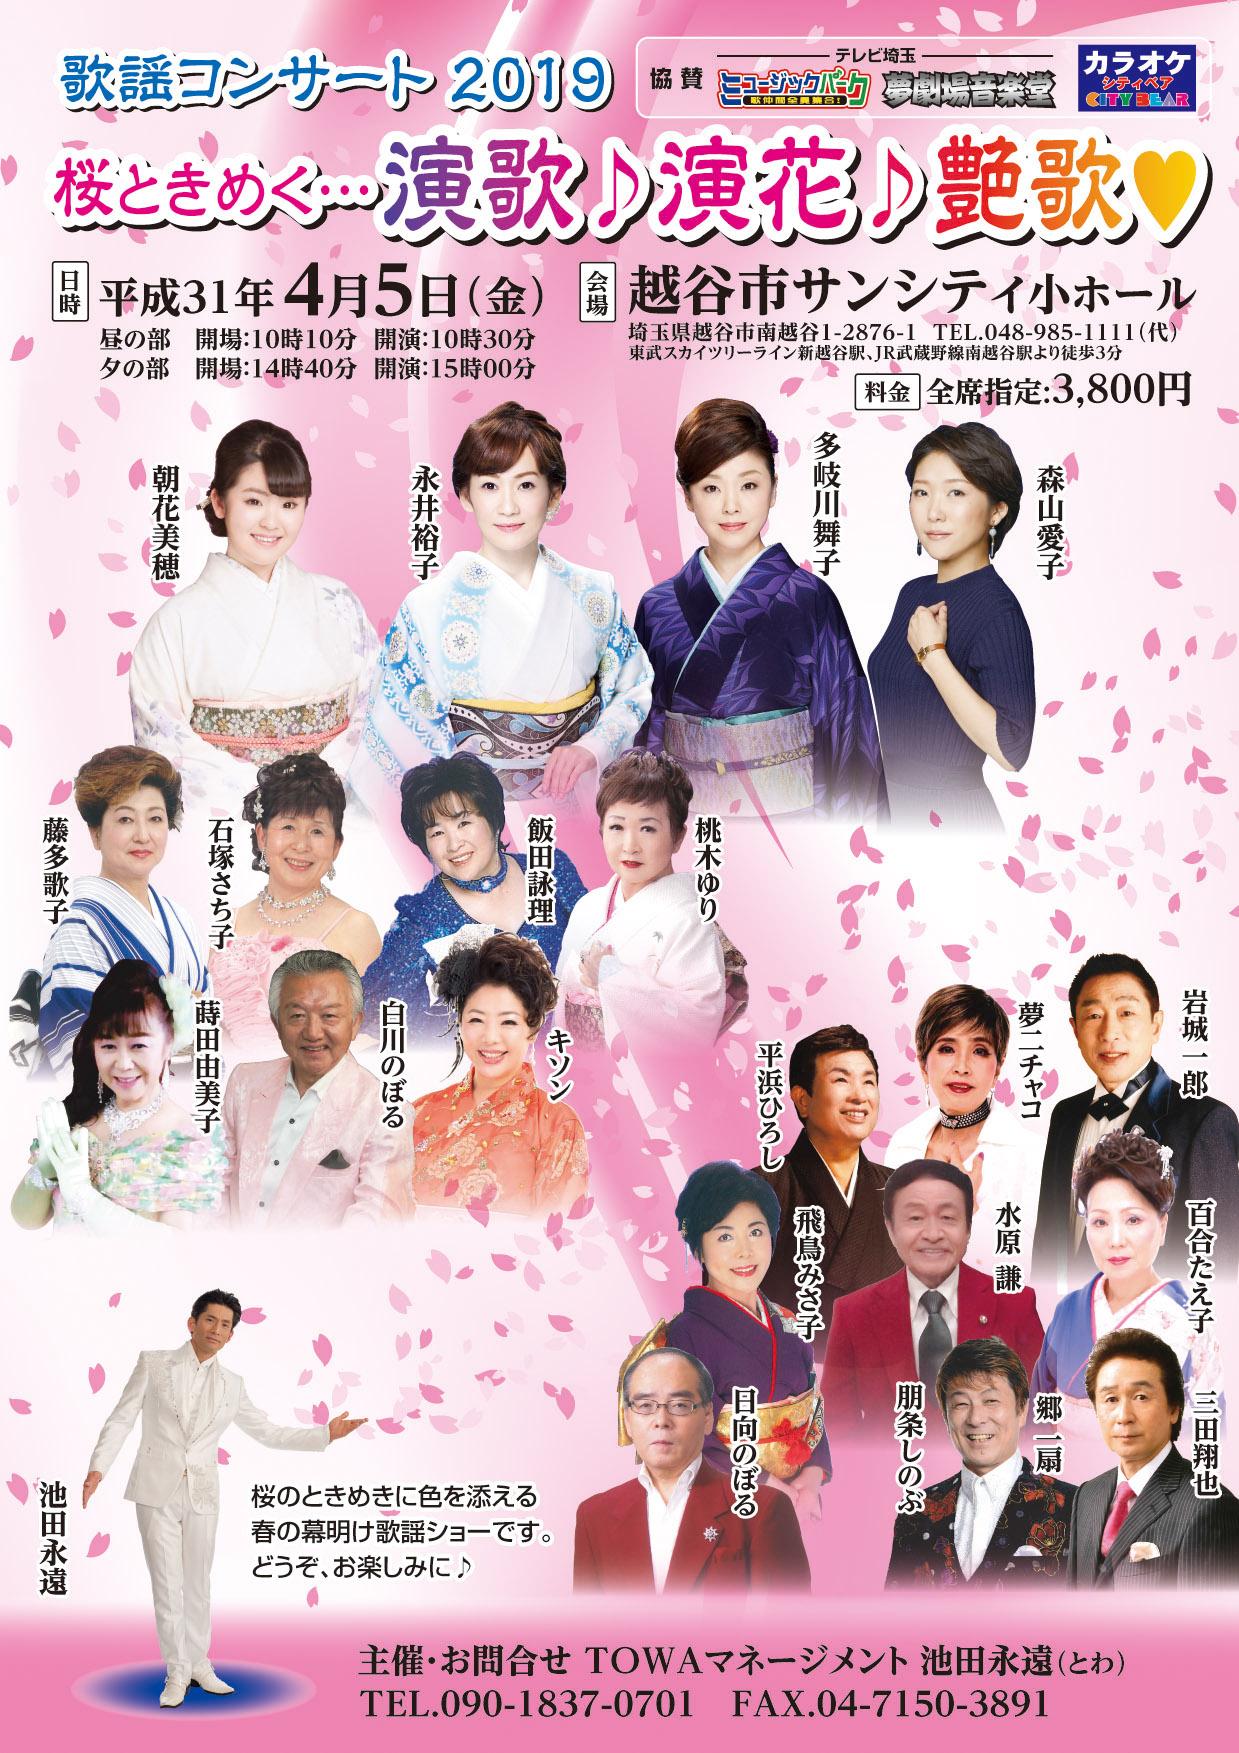 2019/4/5歌謡コンサート2019 桜ときめく…演歌♪演花♪艶歌